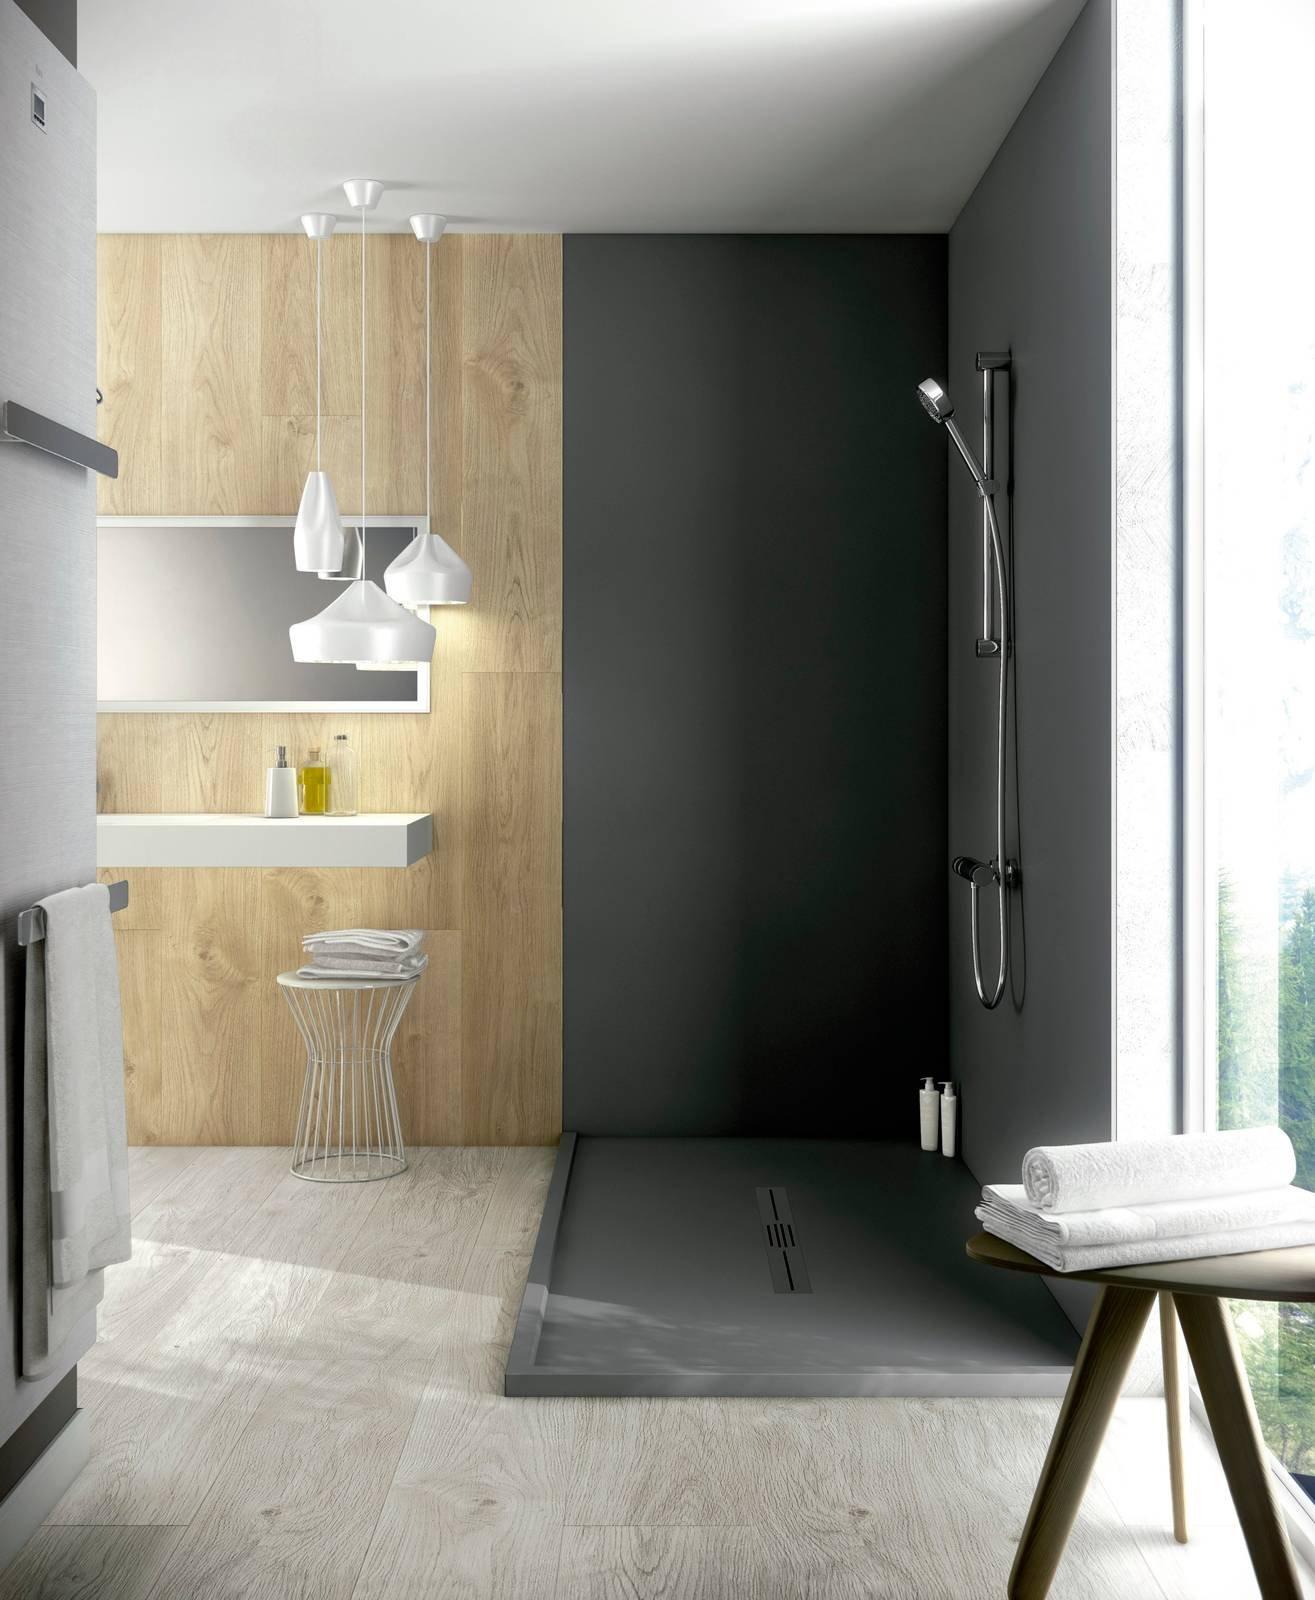 Piatto doccia e pannelli decor da mettere anche sulle vecchie piastrelle cose di casa - Mettere piastrelle bagno ...